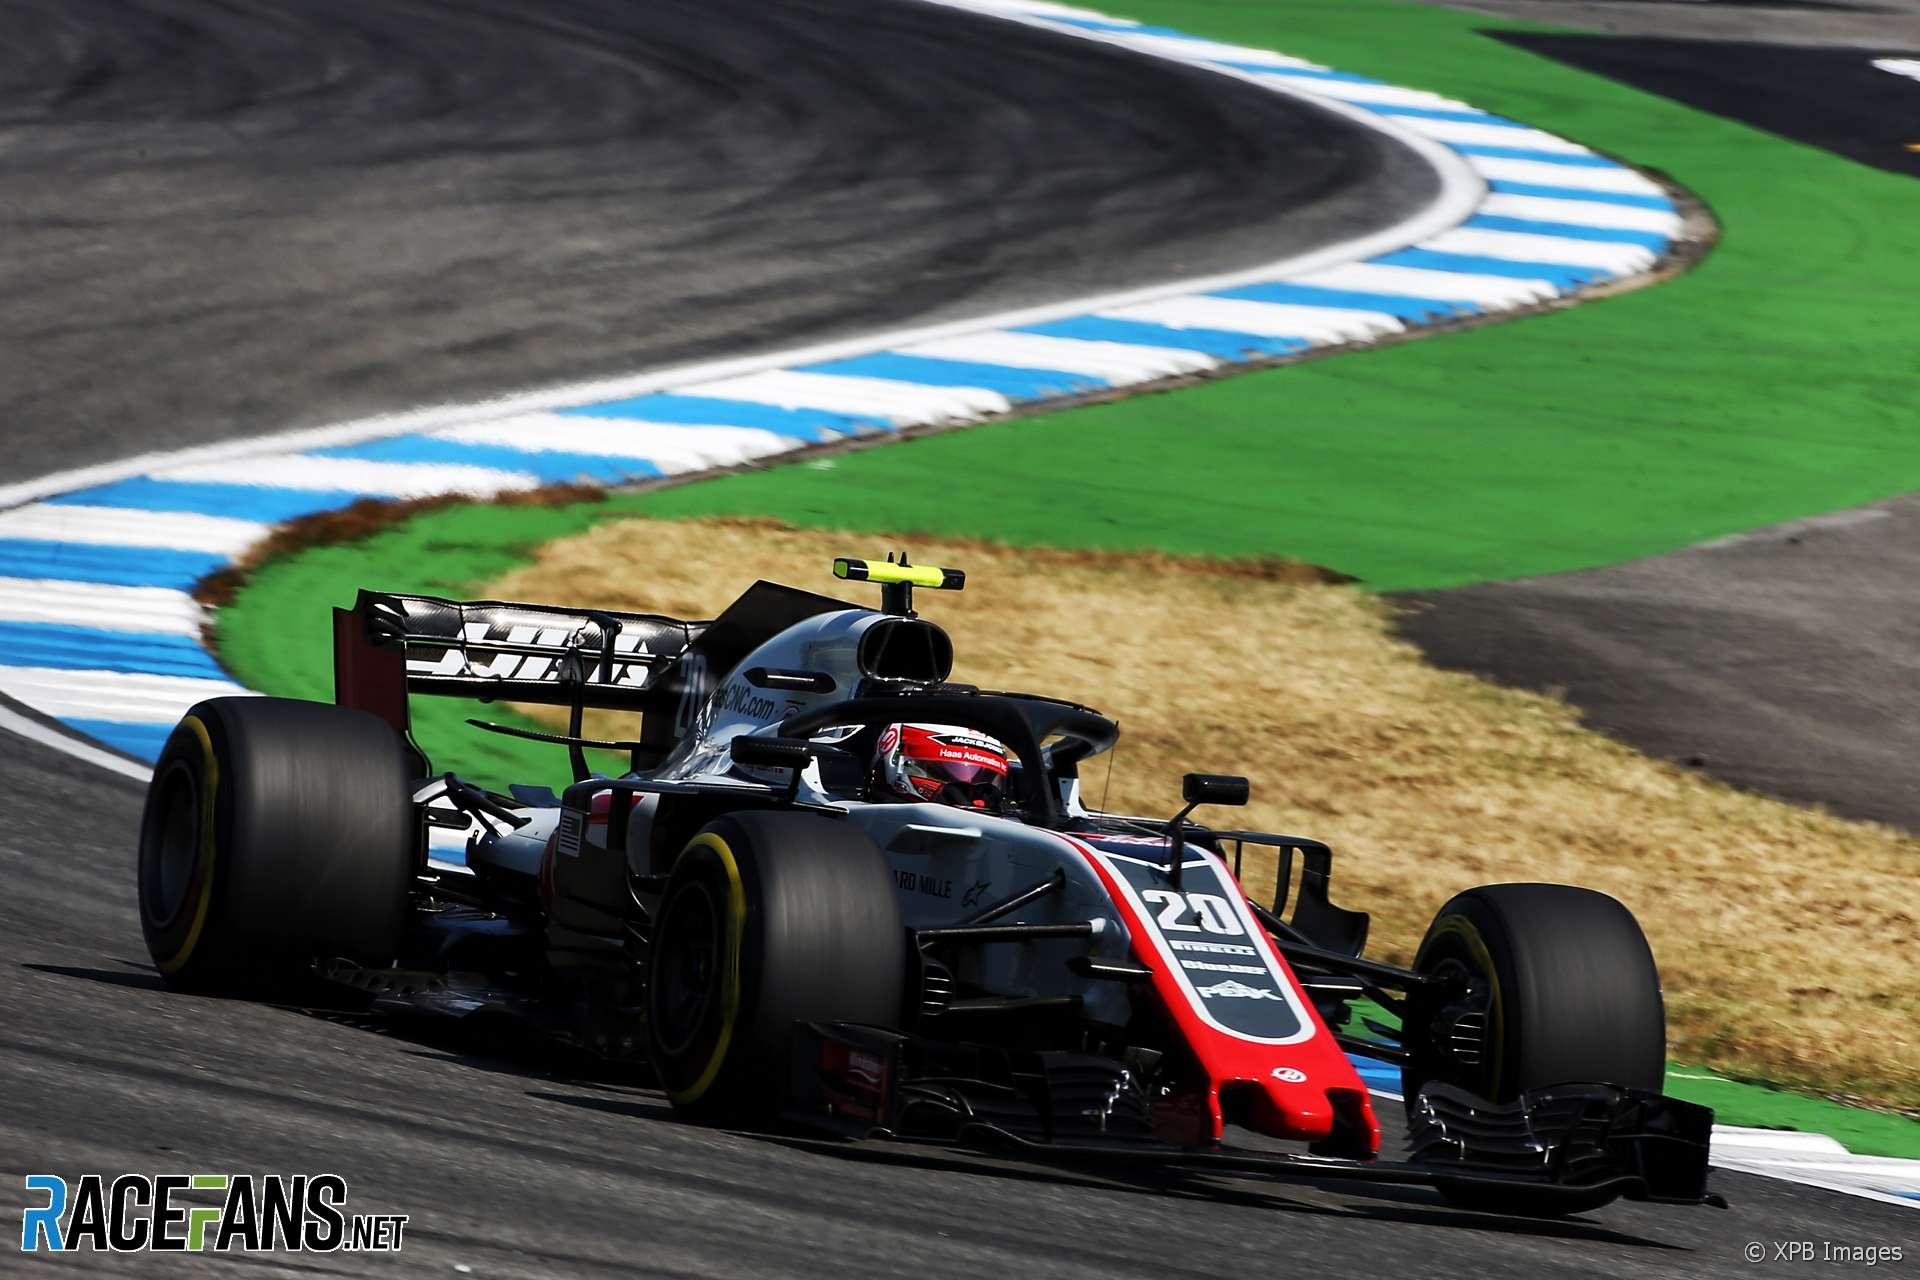 Kevin Magnussen, Haas, Hockenheimring, 2018